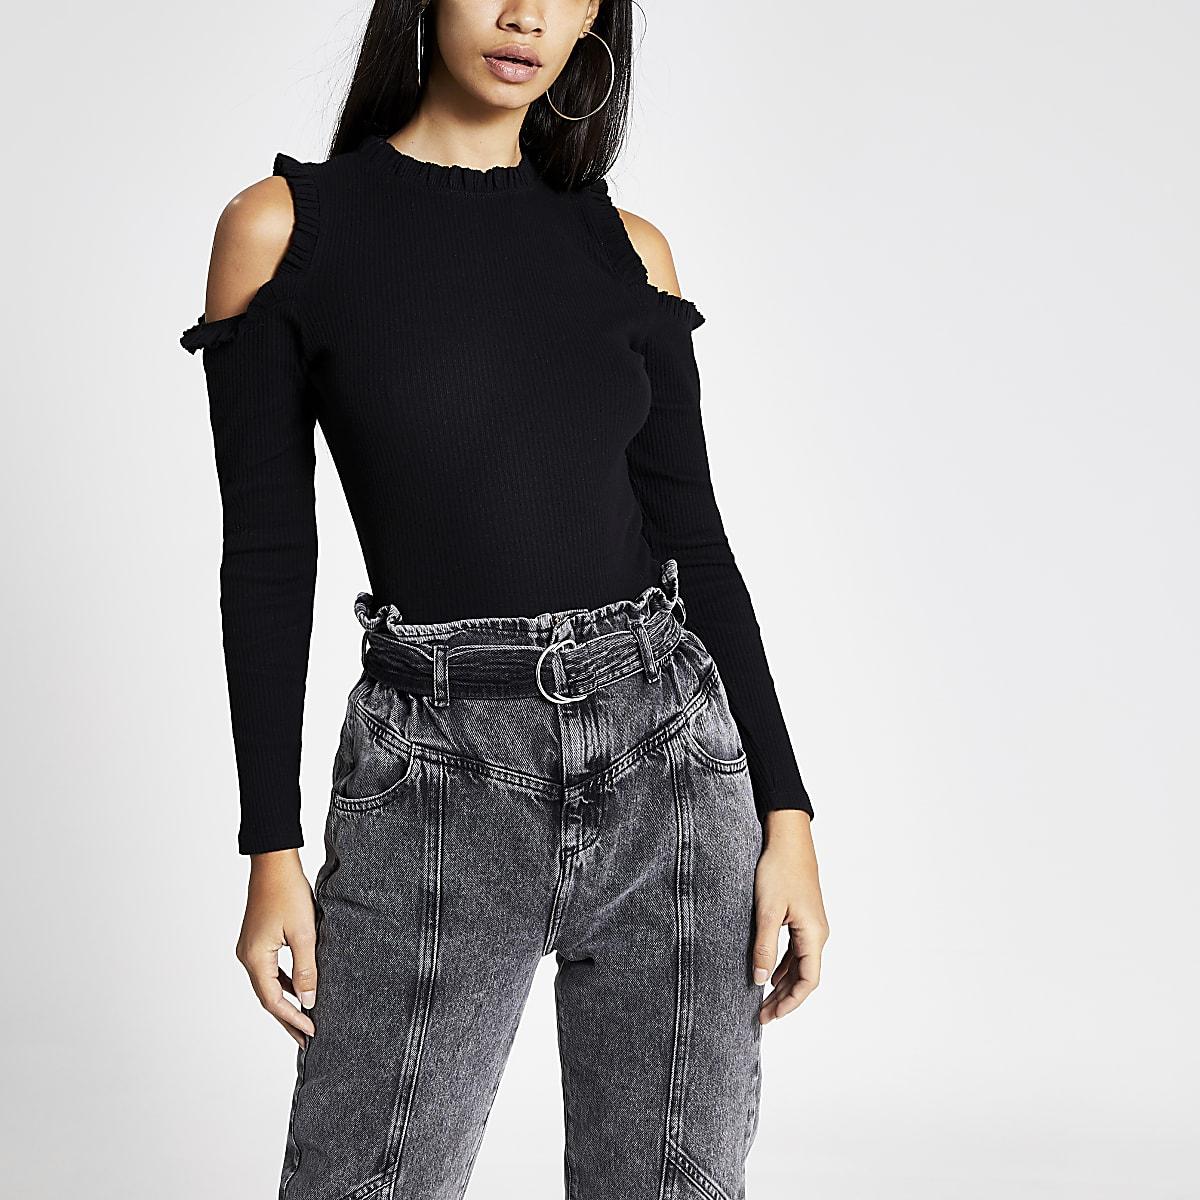 Black long sleeve cold shoulder frill top